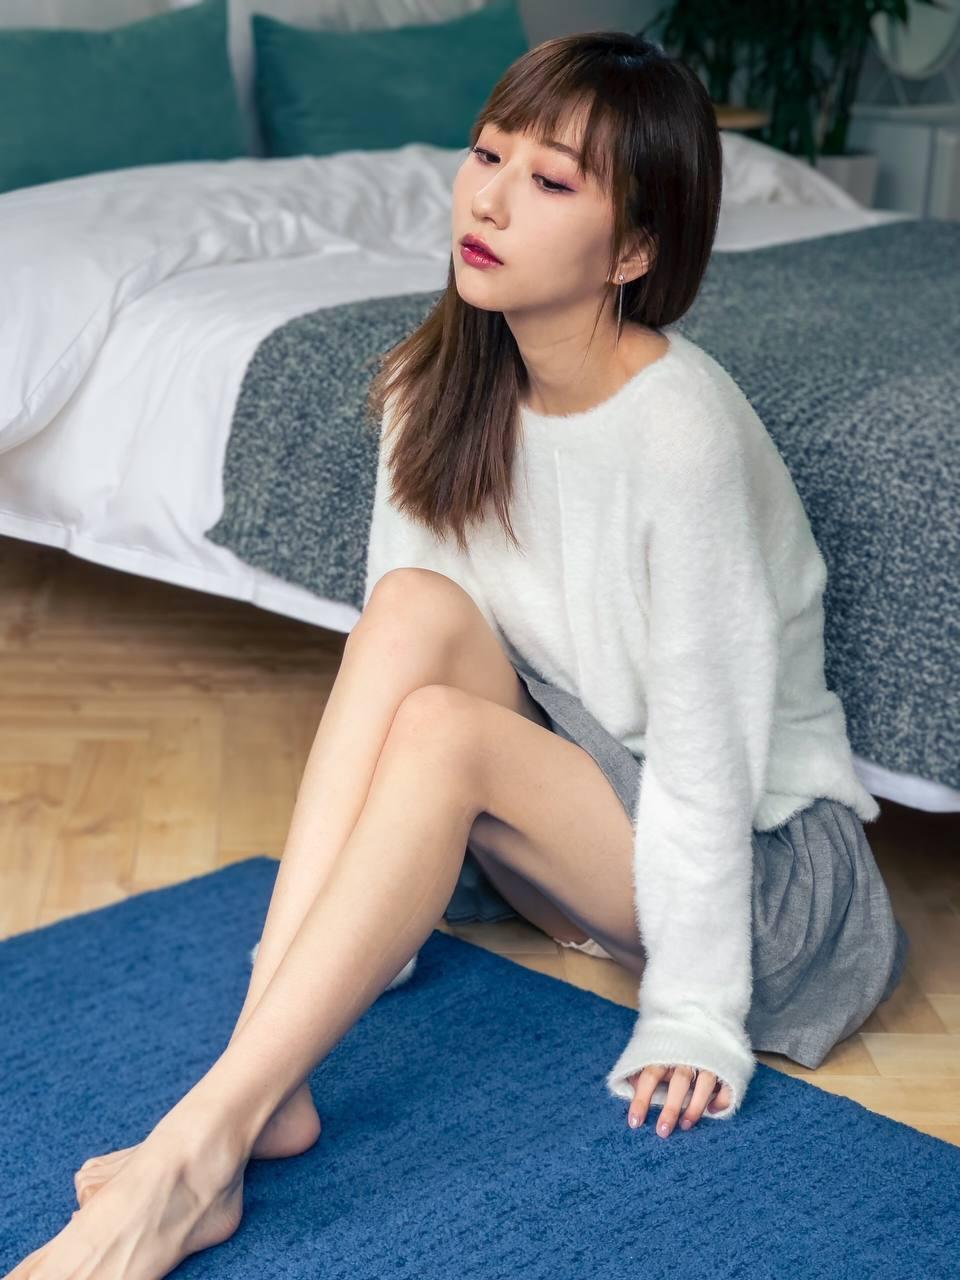 佳人如梦第二十二期 网络美女 第52张